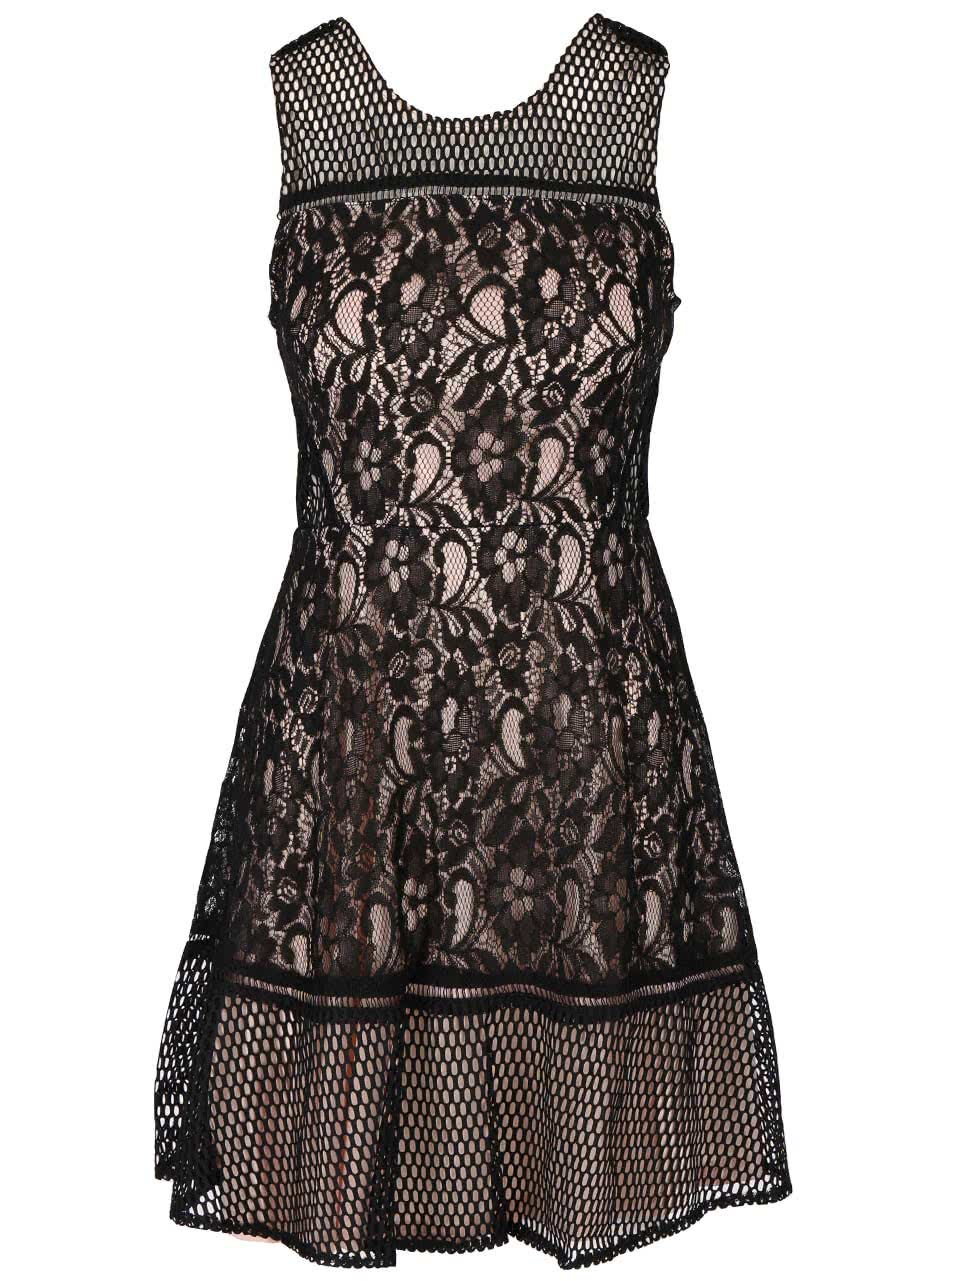 Béžovo-černé krajkové šaty AX Paris